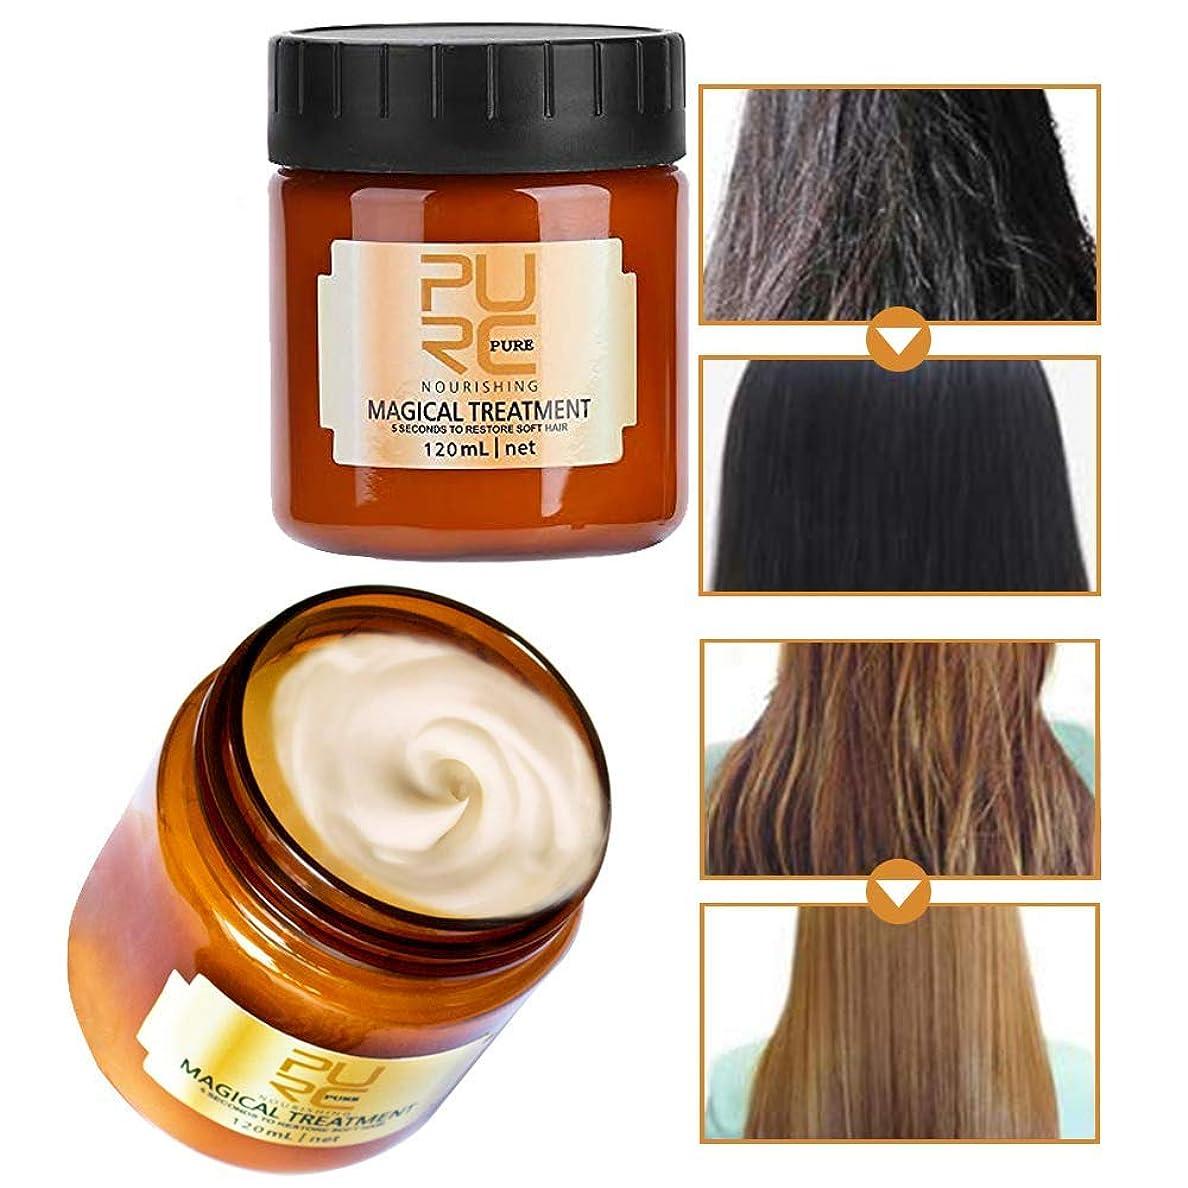 アクロバット個人的に即席Odette 2019 ヘアケアエッセンスルートトリートメント乾燥した髪を改善躁髪質を改善し、健康的で柔らかい髪を回復する栄養ケアを達成効果的で便利なヘアケアクリーム (120ml) (1pcs)